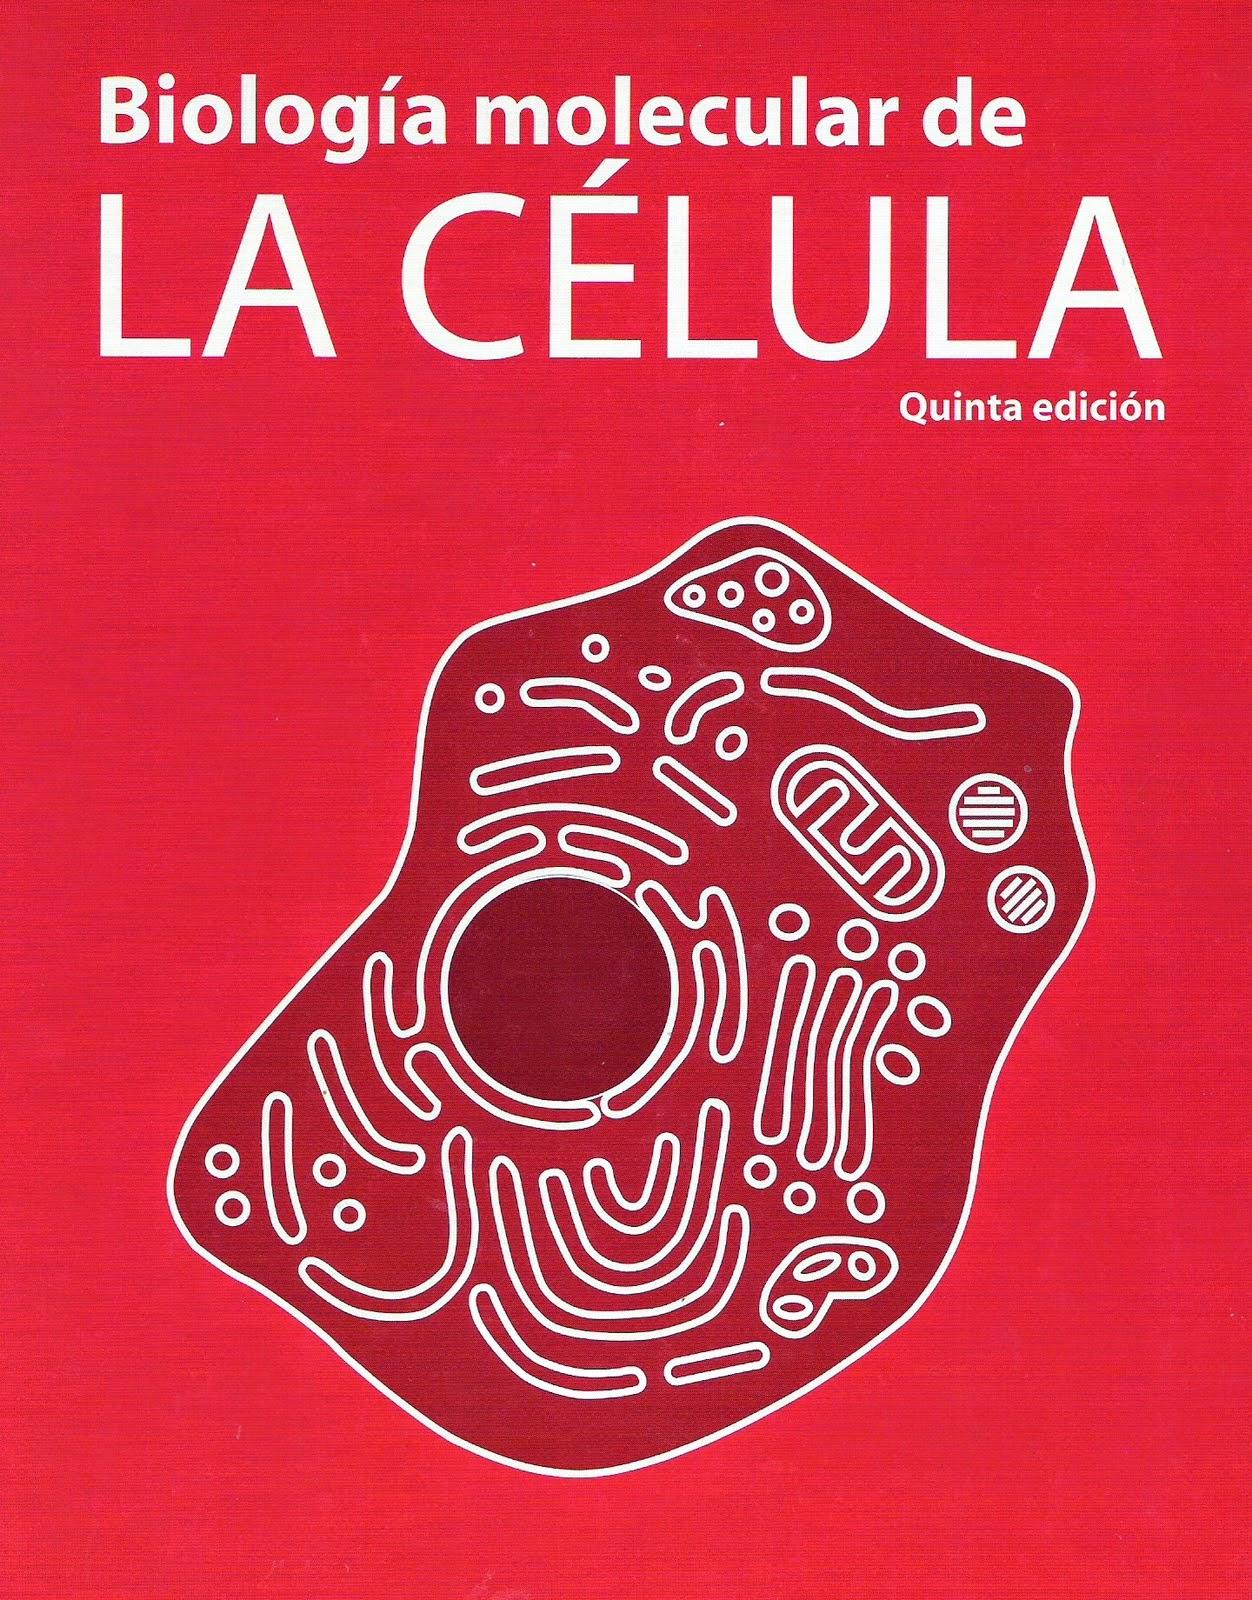 La Botica: Biología molecular de la célula. 5° edición. Alberts.